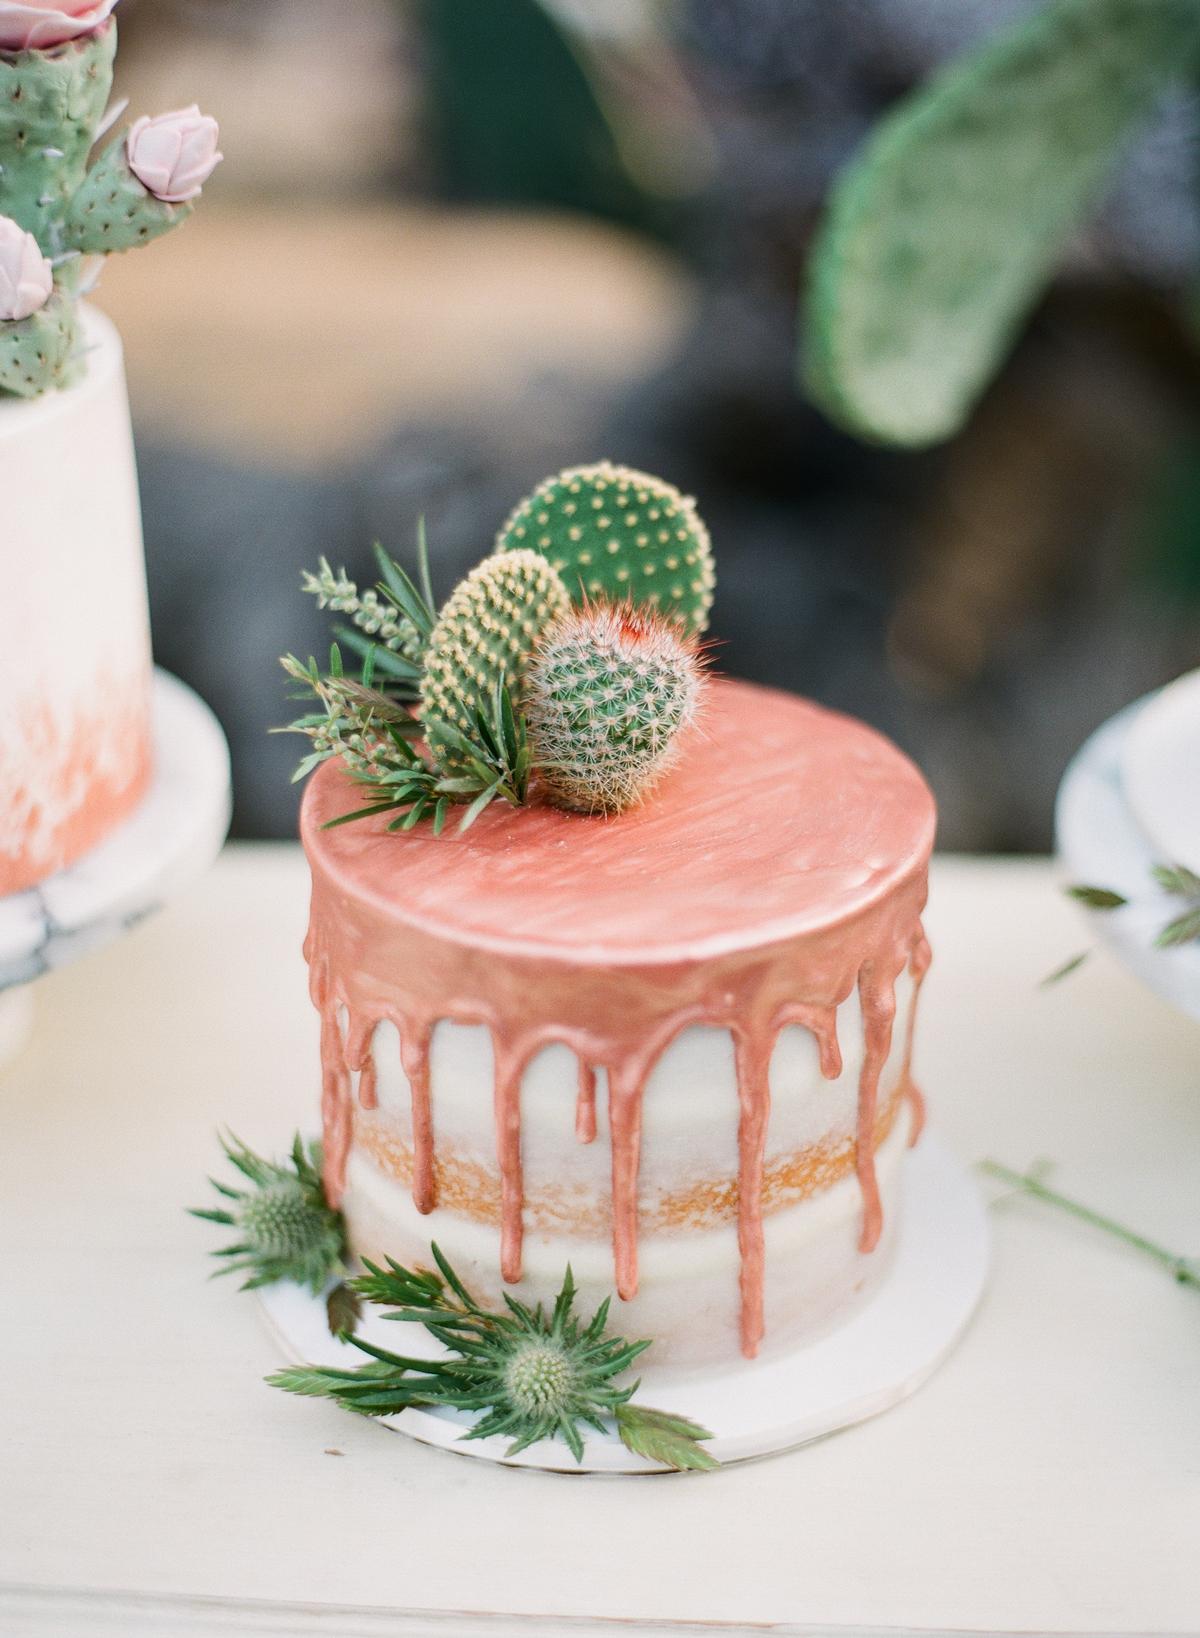 rose gold wedding ideas wedding cake with cacti